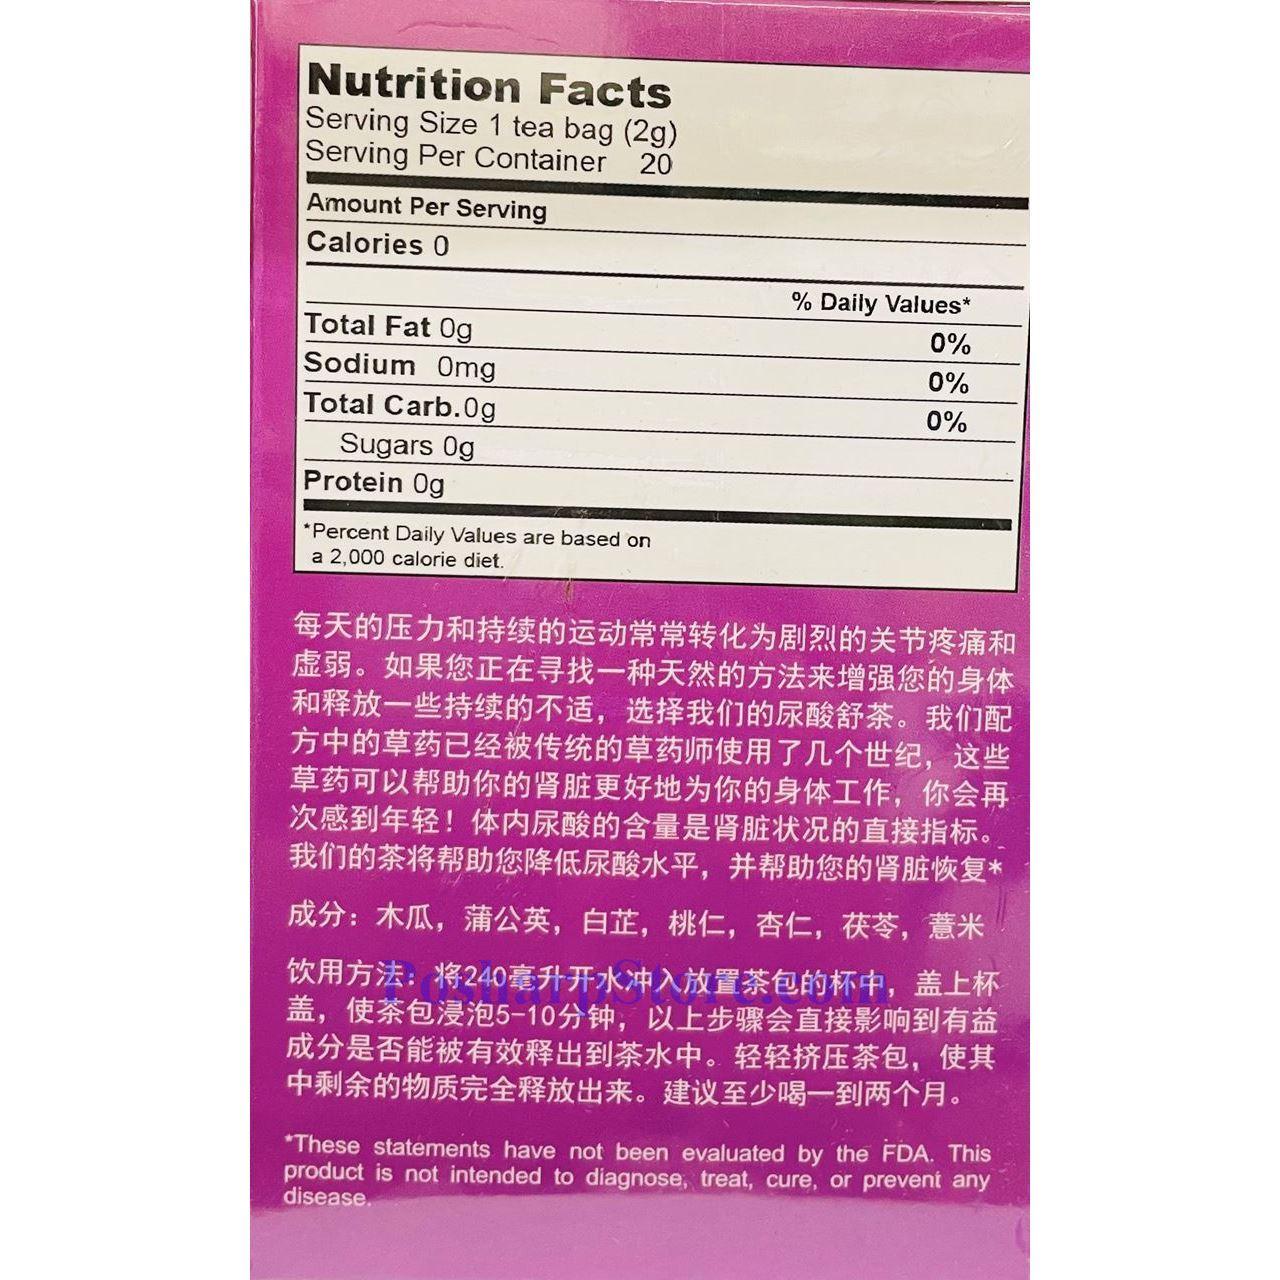 分类图片 纯净树尿酸舒茶